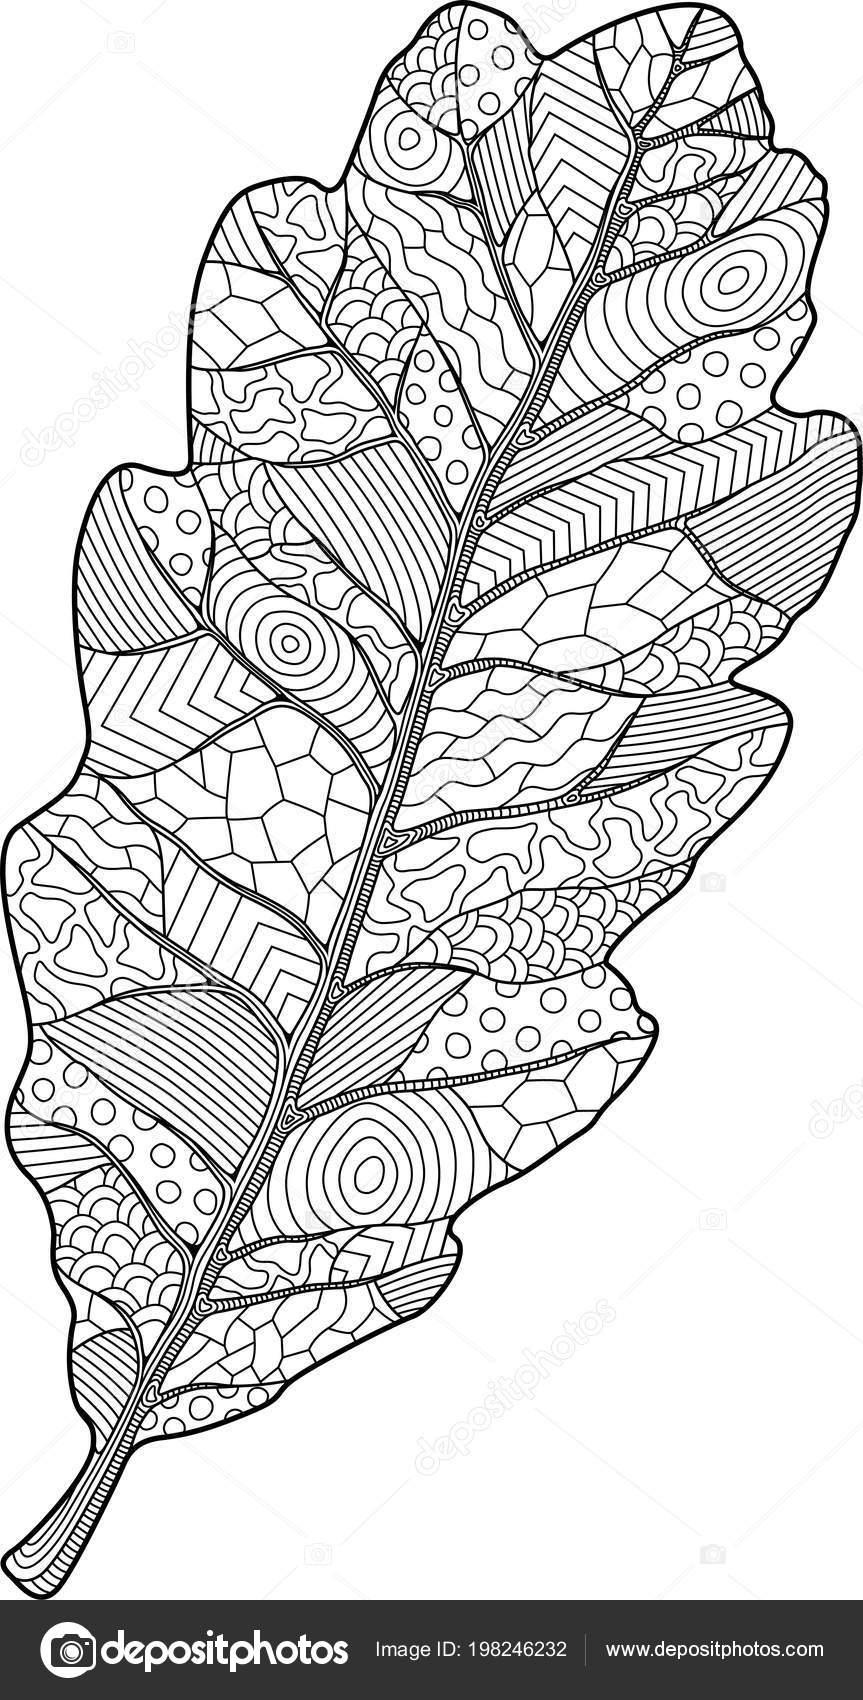 Beyaz Arka Plan üzerinde Dekoratif Meşe Yaprağı Ile Kitap Sayfa